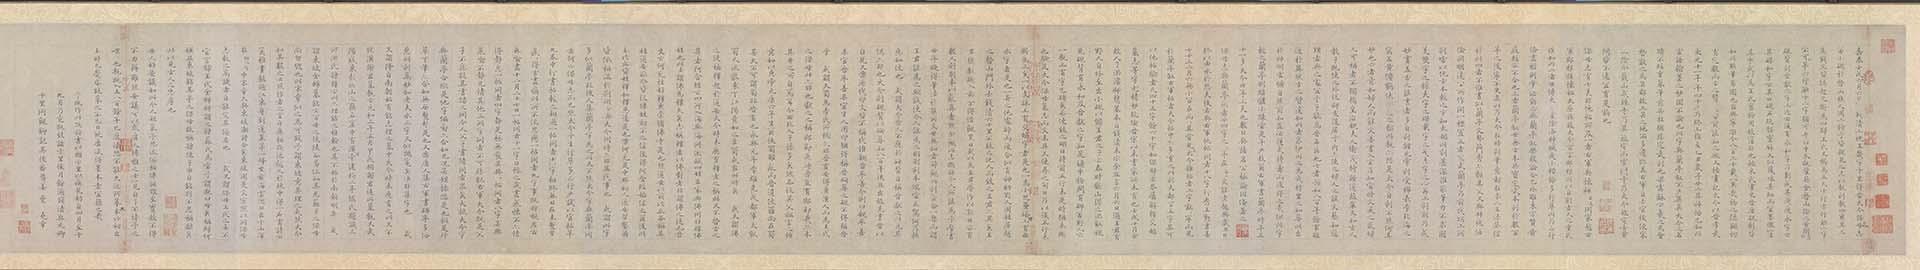 南宋 姜夔 王大令楷书保母砖题跋卷(全卷)纸本36.4X862